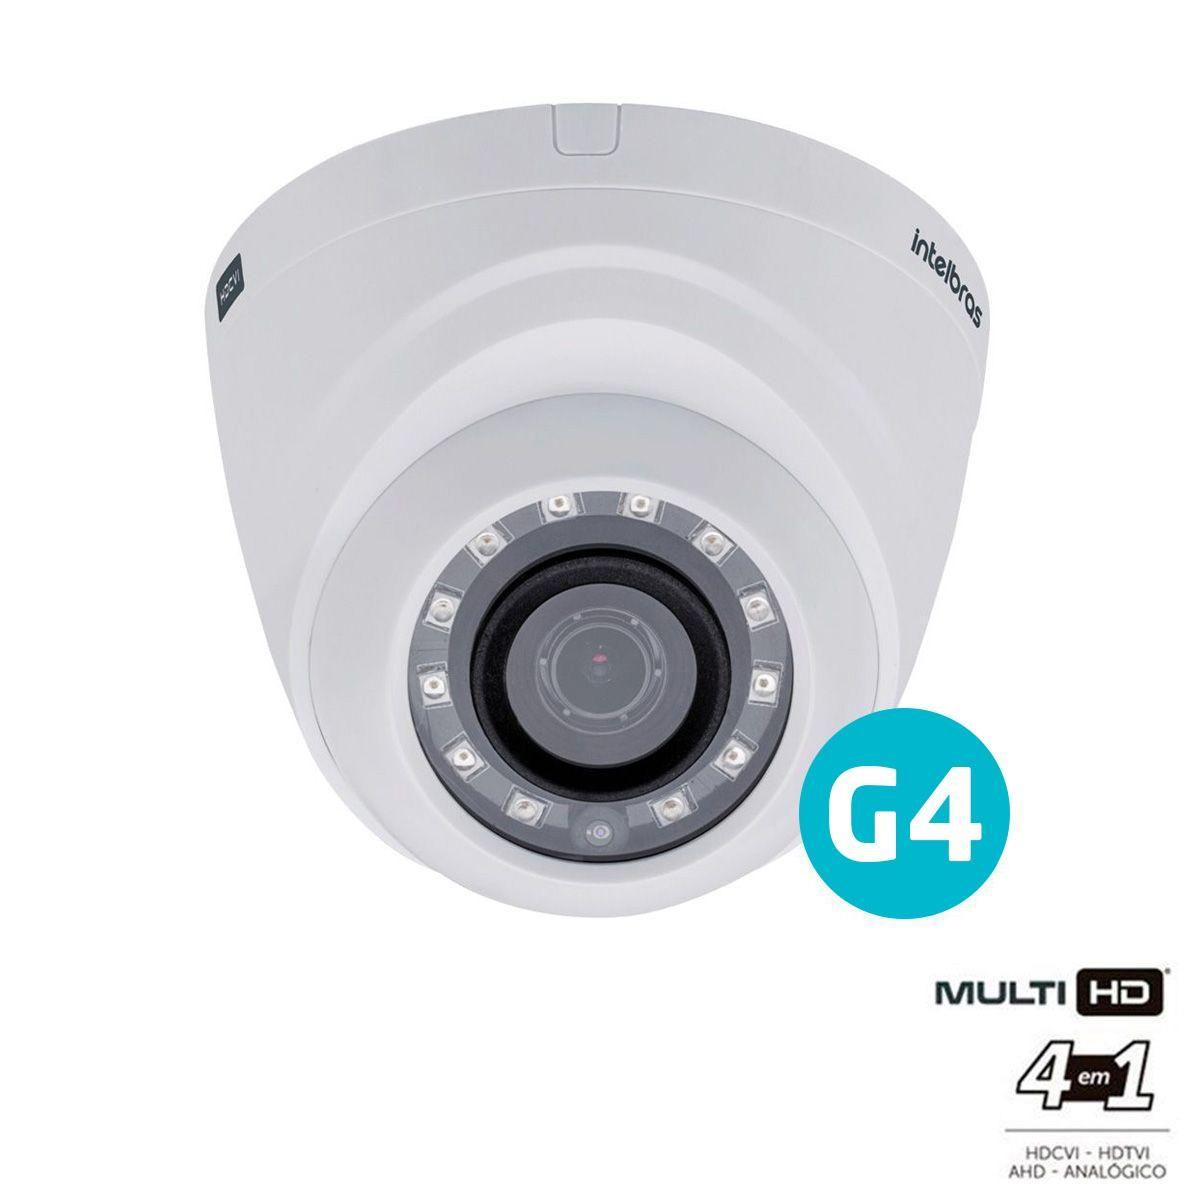 Câmera Hd Vhd 1010 D G4 Multi Hd 720p -  Intelbras